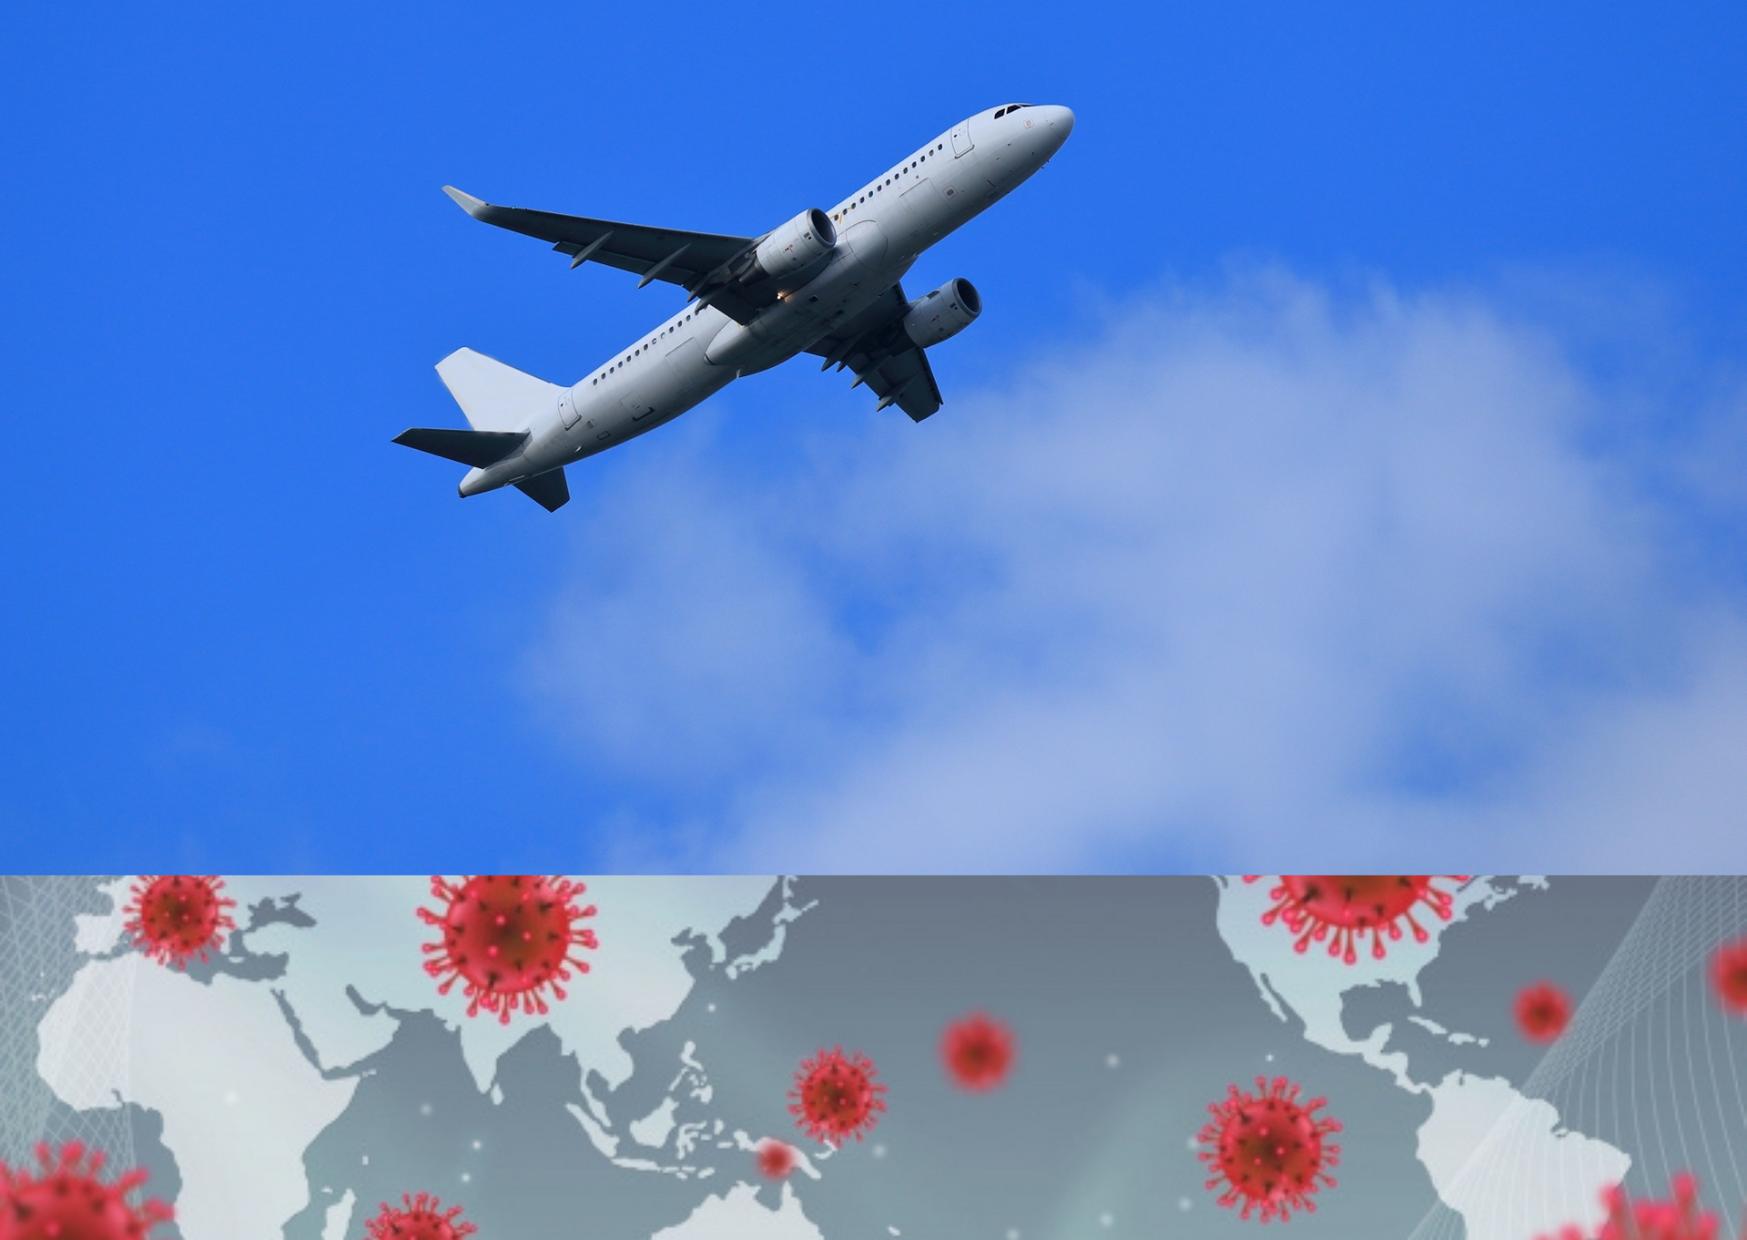 【渡航・ビジネス】新型コロナウイルス検査